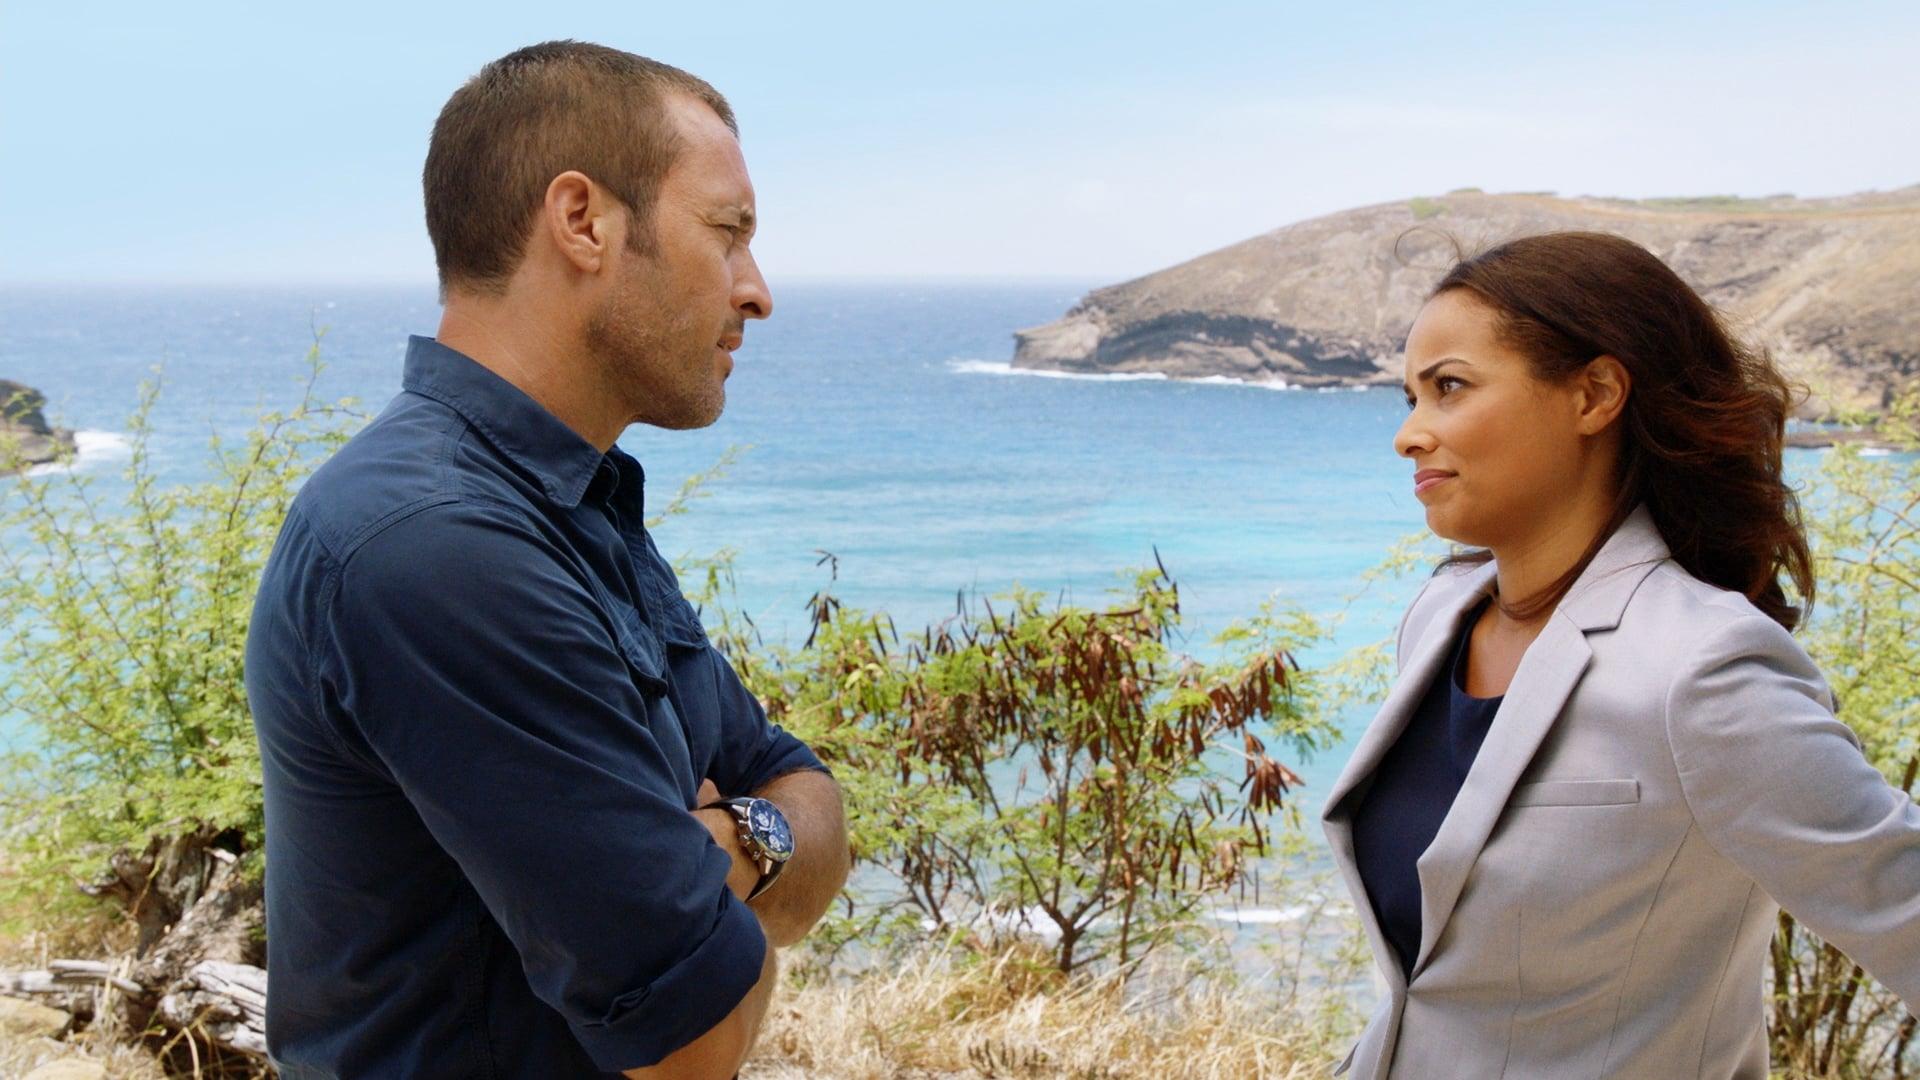 Hawaii Five-0 - Season 9 Episode 1 : Ka 'owili'oka'i (Cocoon)